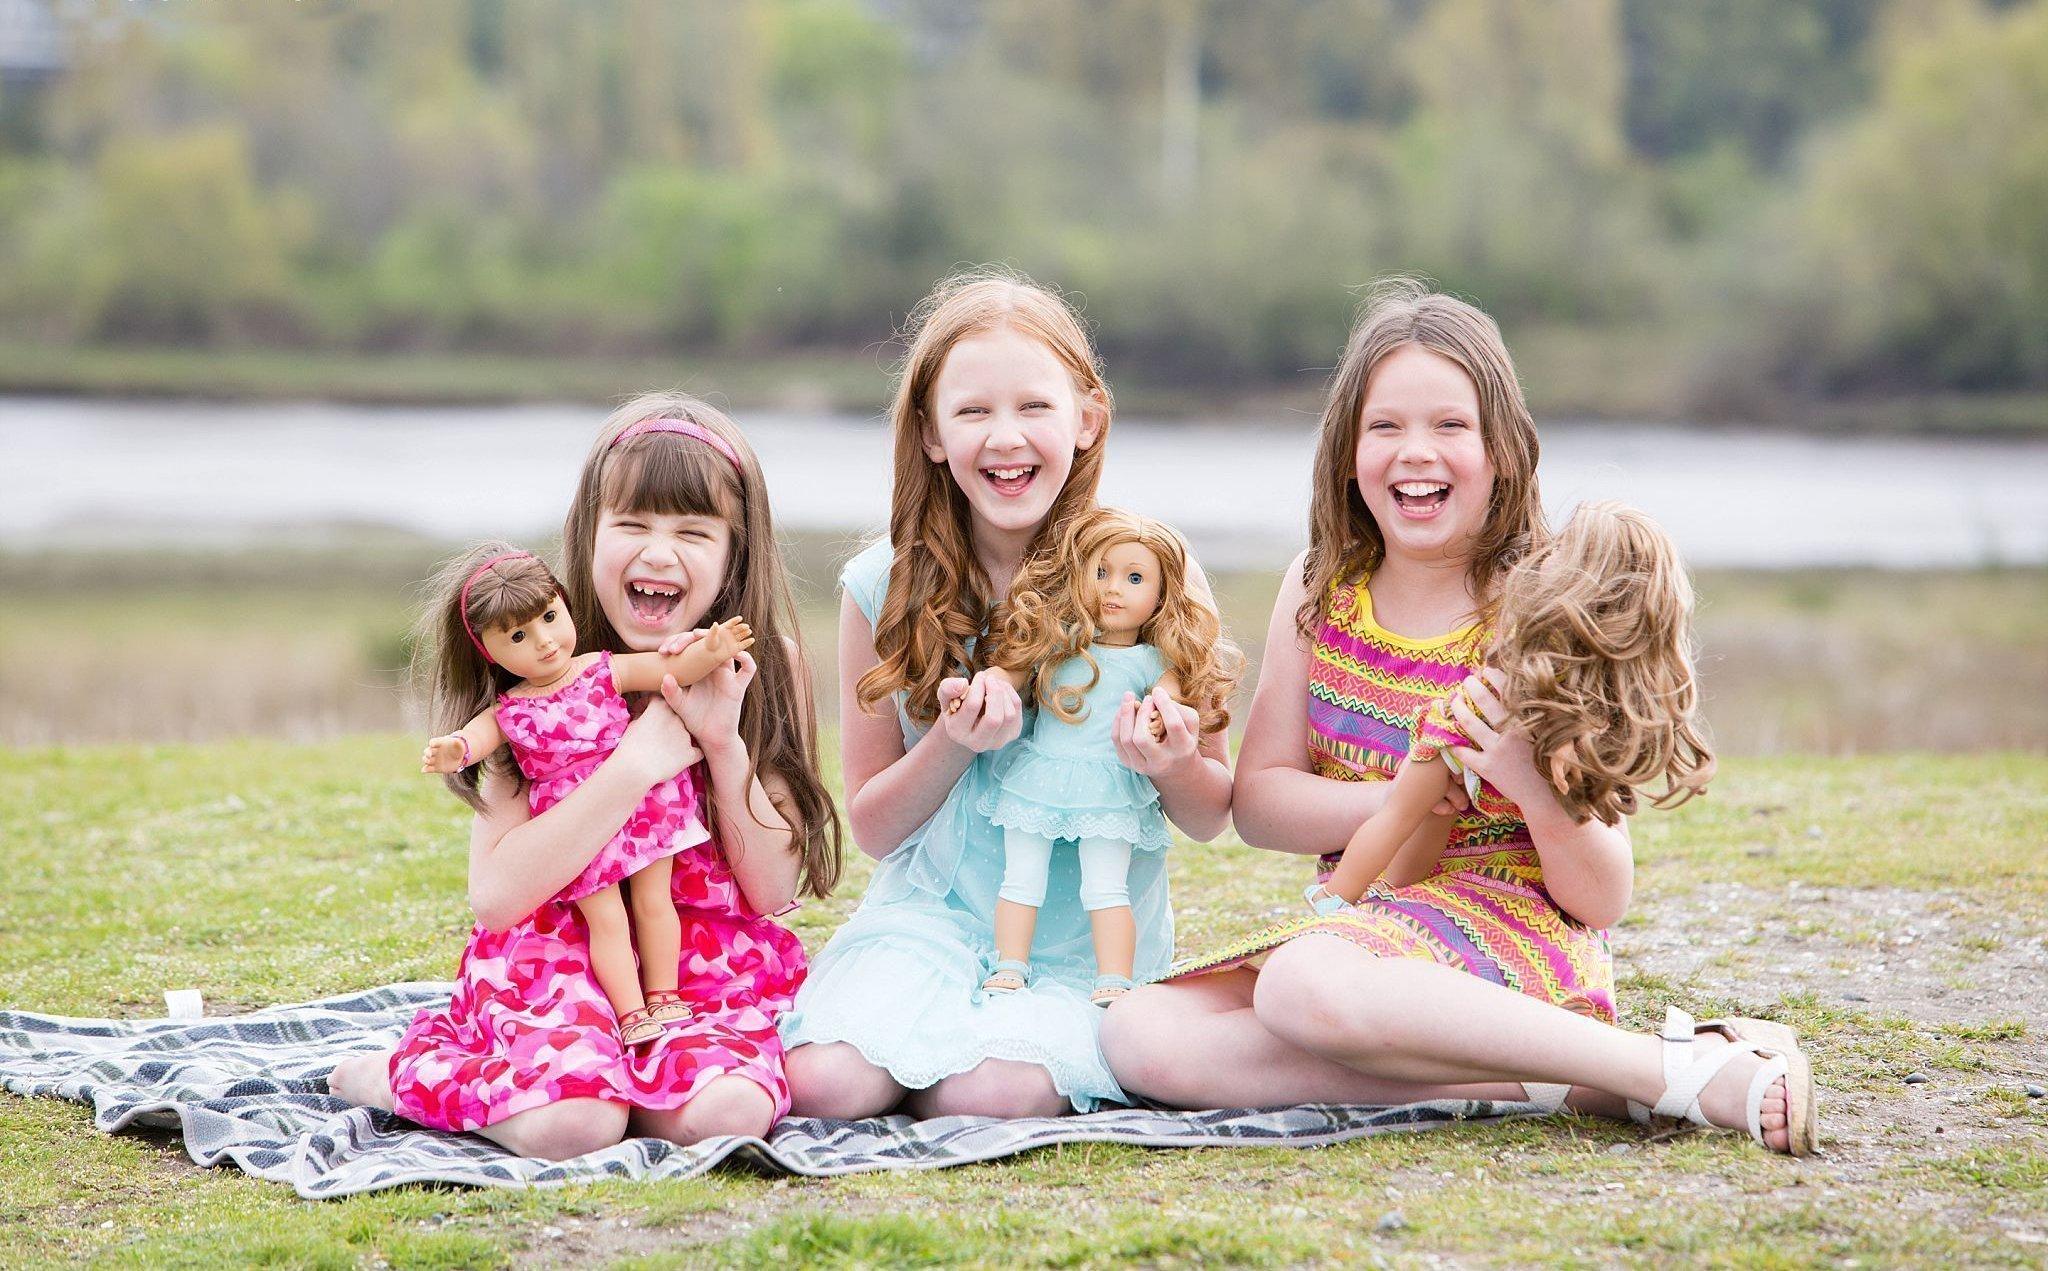 Jugar con muñecas y sus múltiples beneficios 75b787a637d